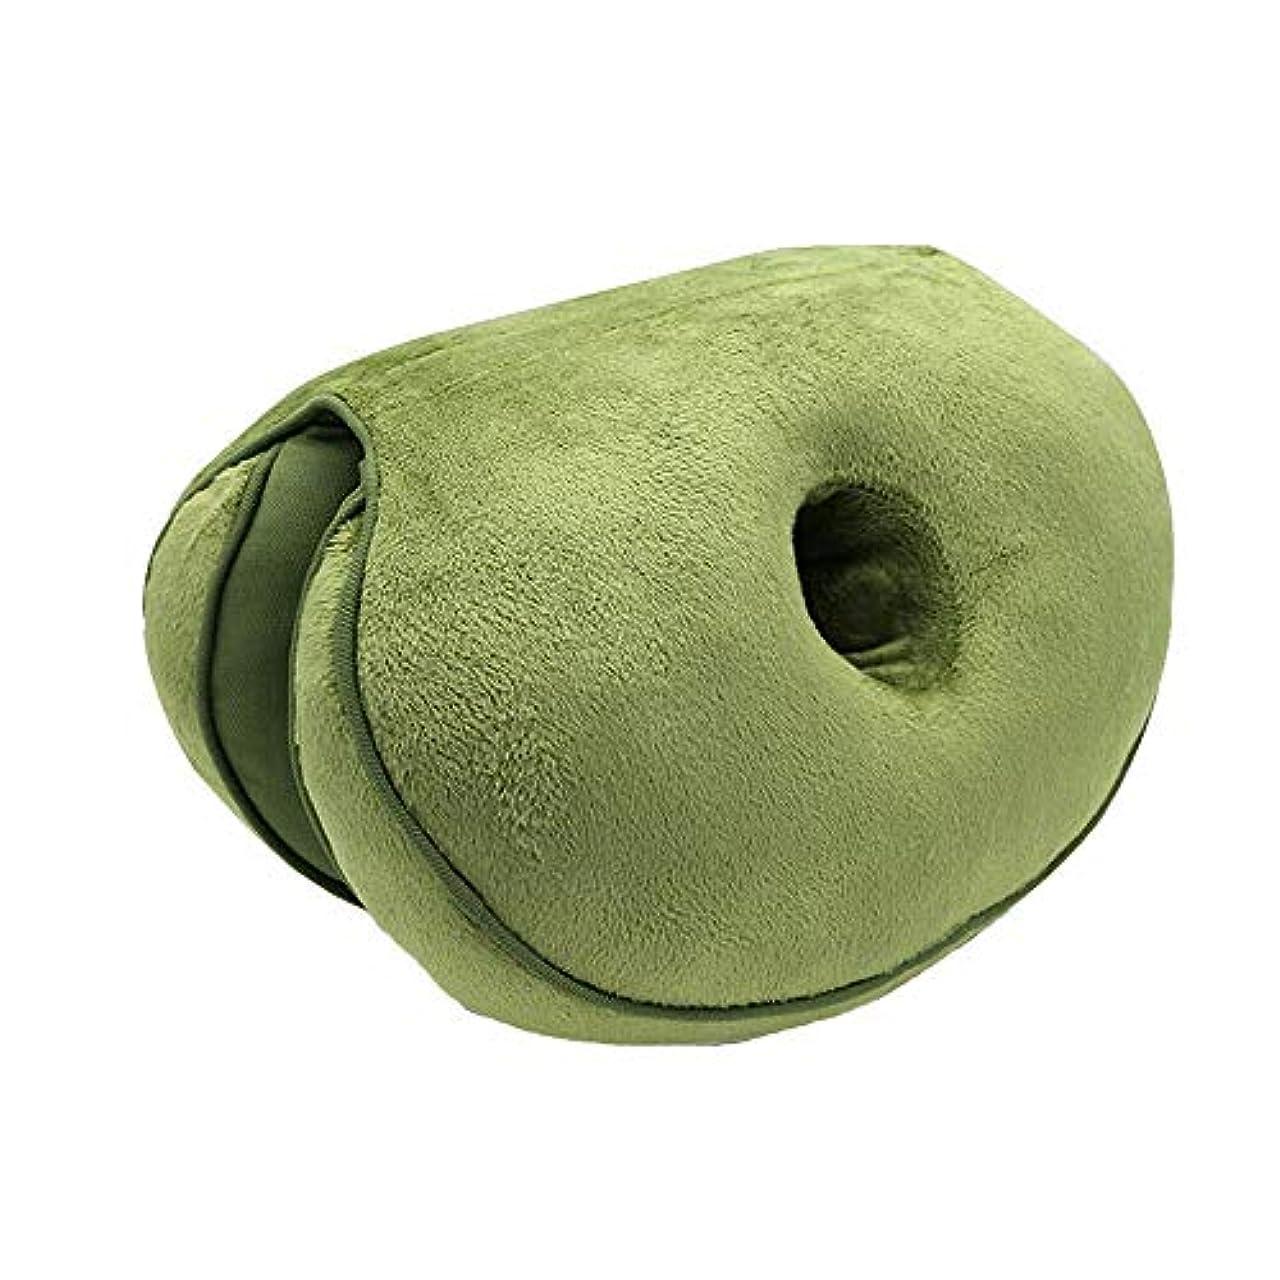 腹部できるめるLIFE2019 新デュアルシートクッション低反発ラテックスオフィスチェアバックシートクッション快適な臀部マットパッド枕旅行枕女性女の子クッション 椅子